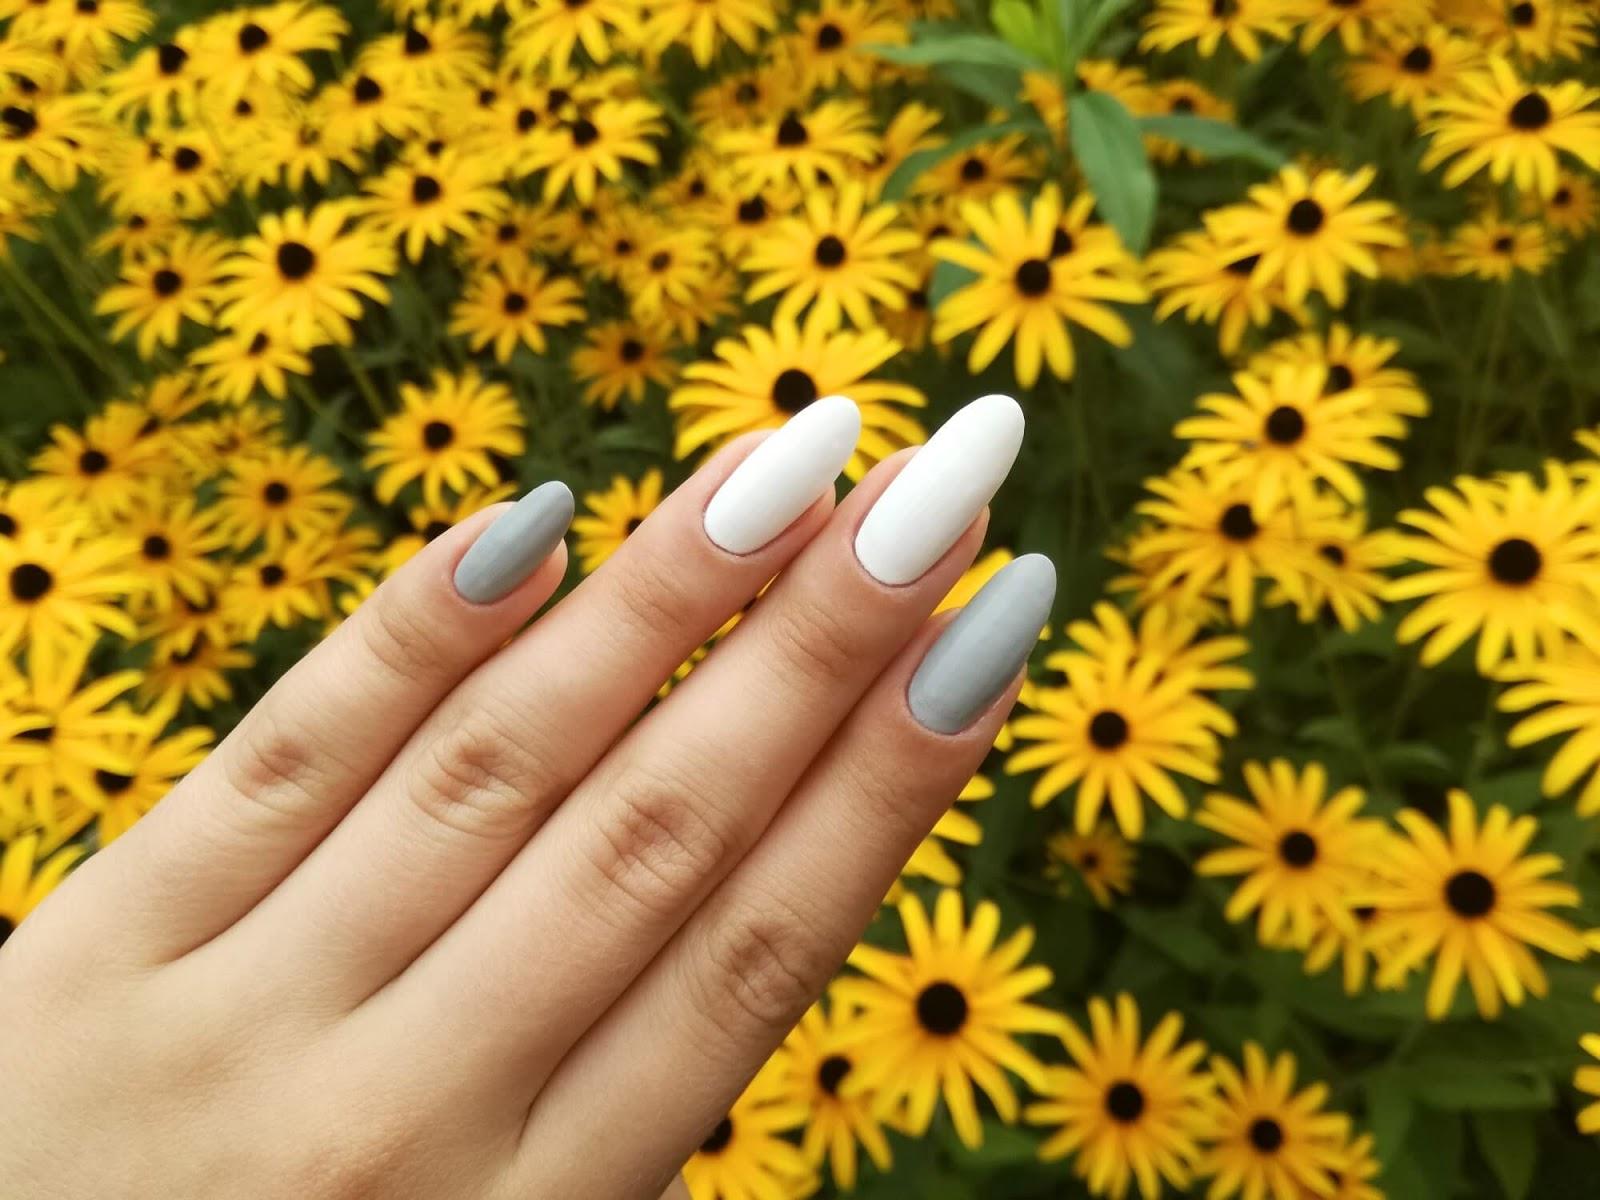 paznokcie na tle kwiatów